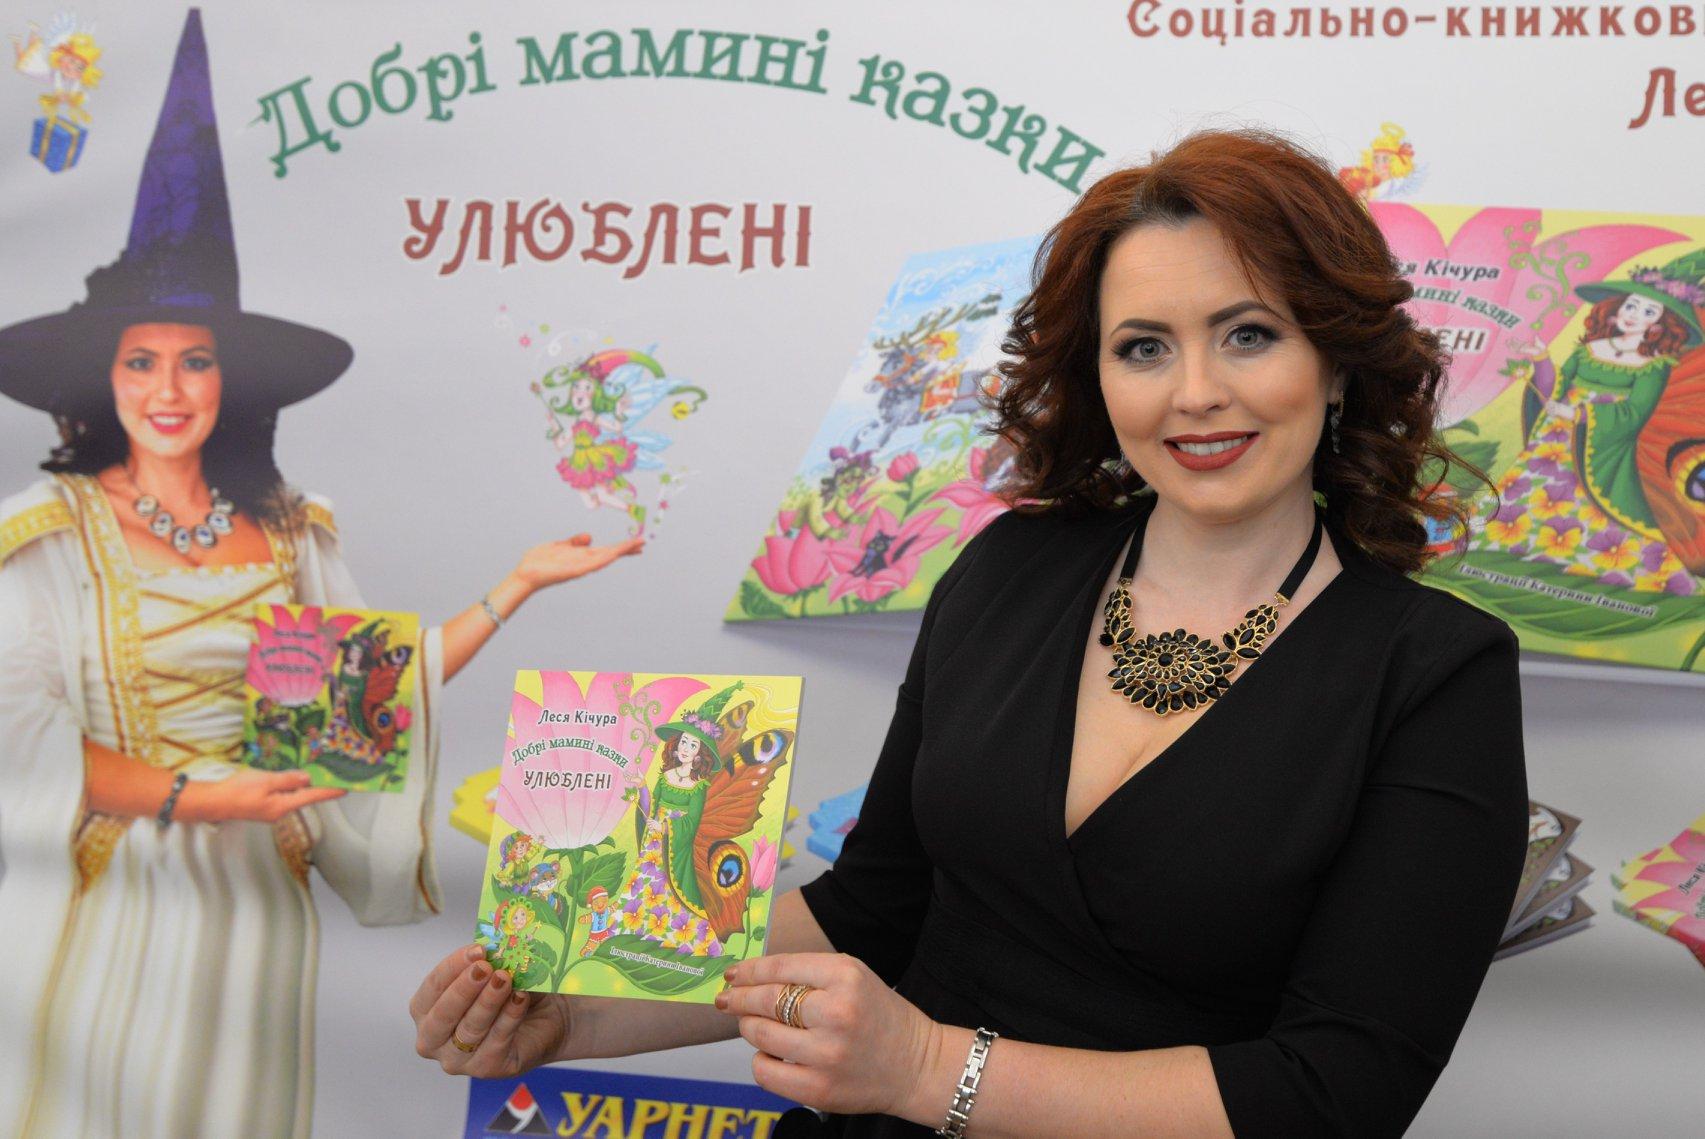 Львівська казкарка Леся Кічура отримала почесну літературну нагороду